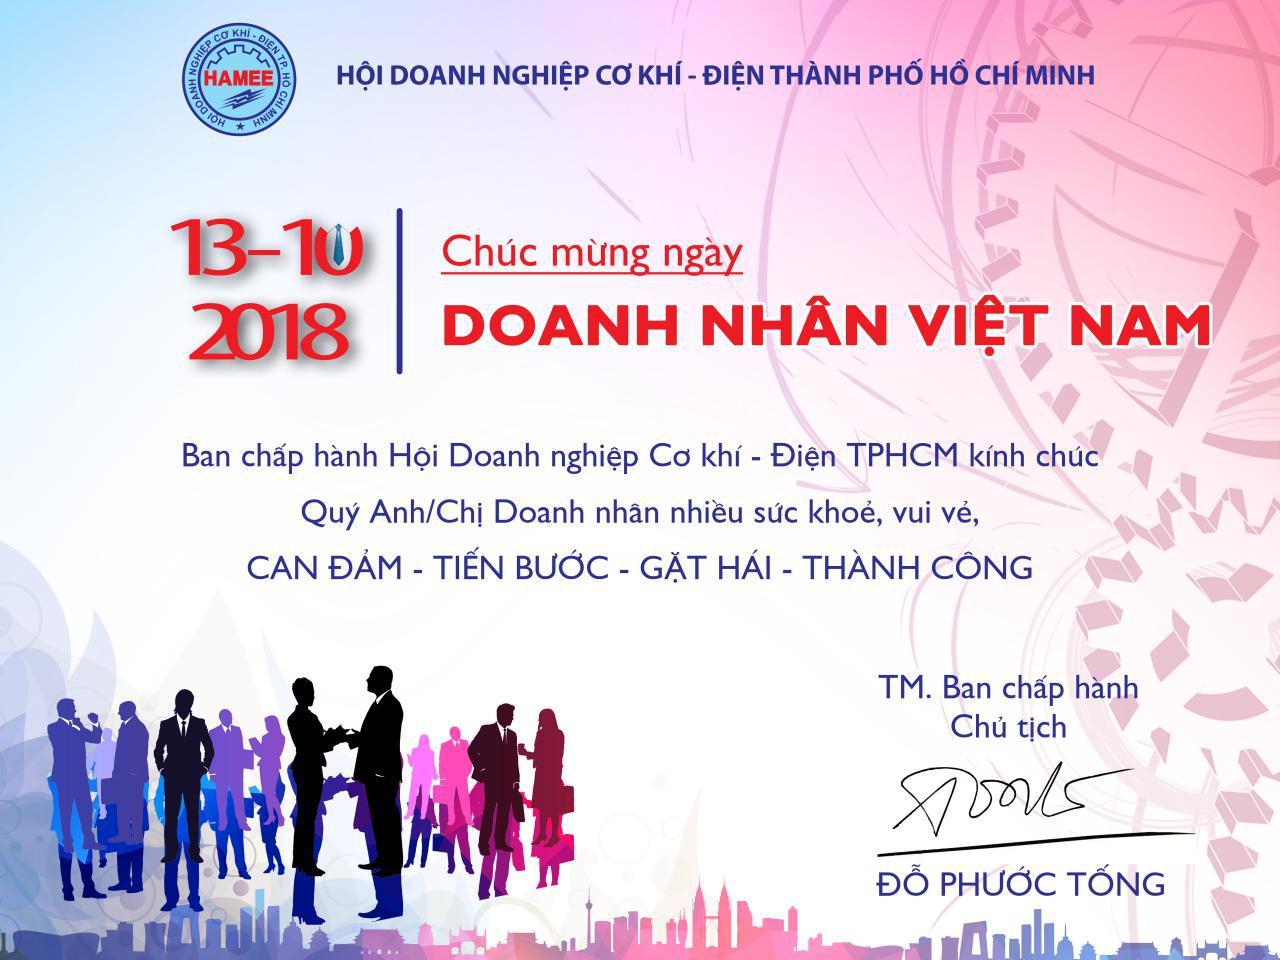 CÔNG BỐ DANH SÁCH 100 DOANH NHÂN TPHCM TIÊU BIỂU NĂM 2018